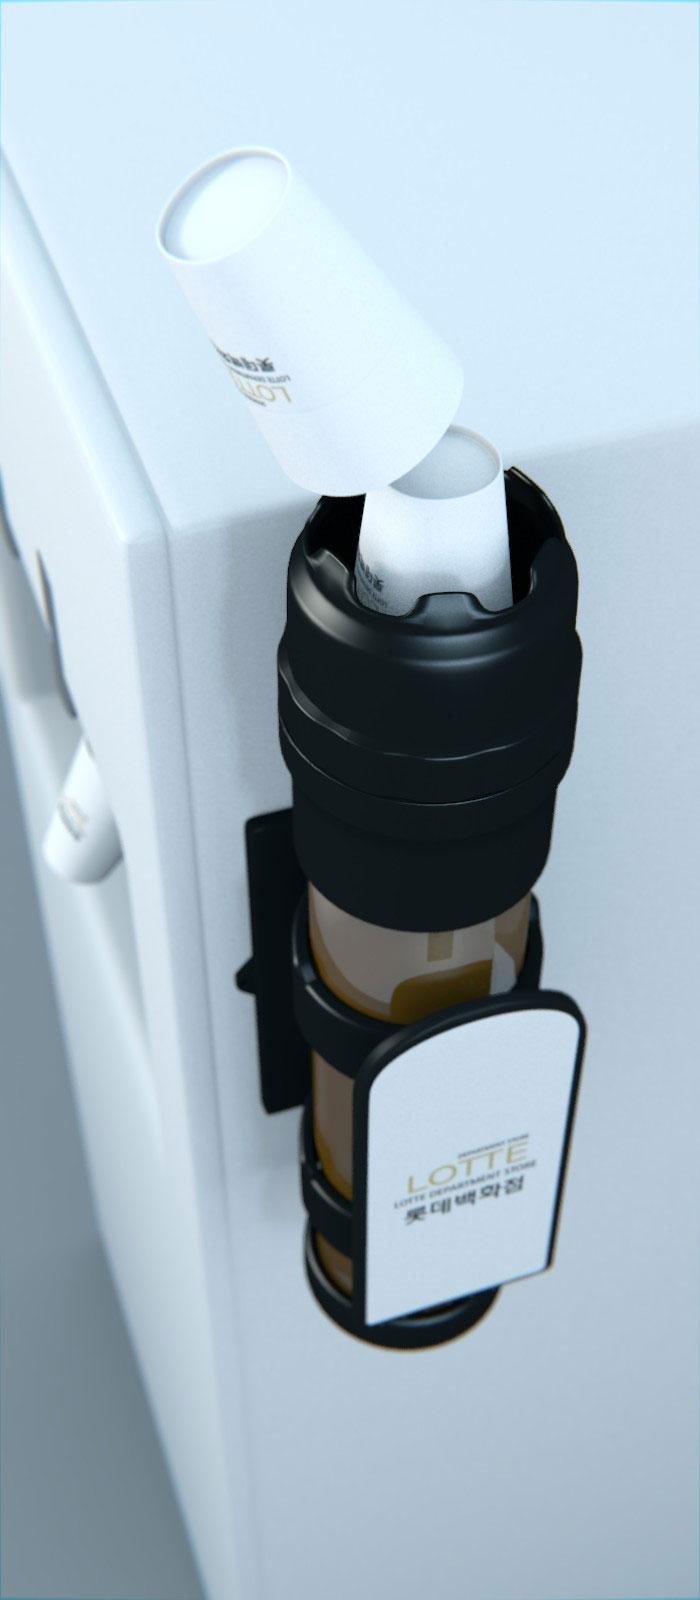 dispenser_01.jpg